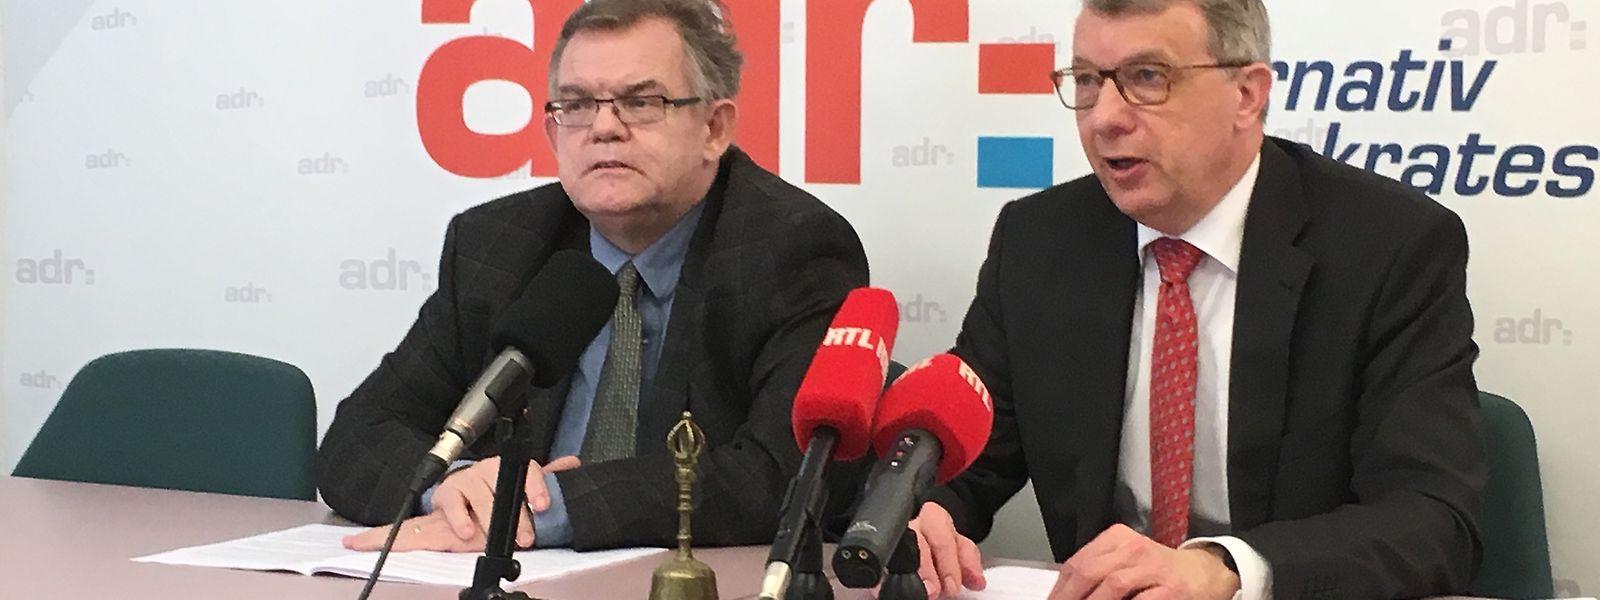 Fernand Kartheiser (rechts) trat am Freitag erstmals gemeinsam mit dem neuen ADR-Mitglied Lucien Welter auf.